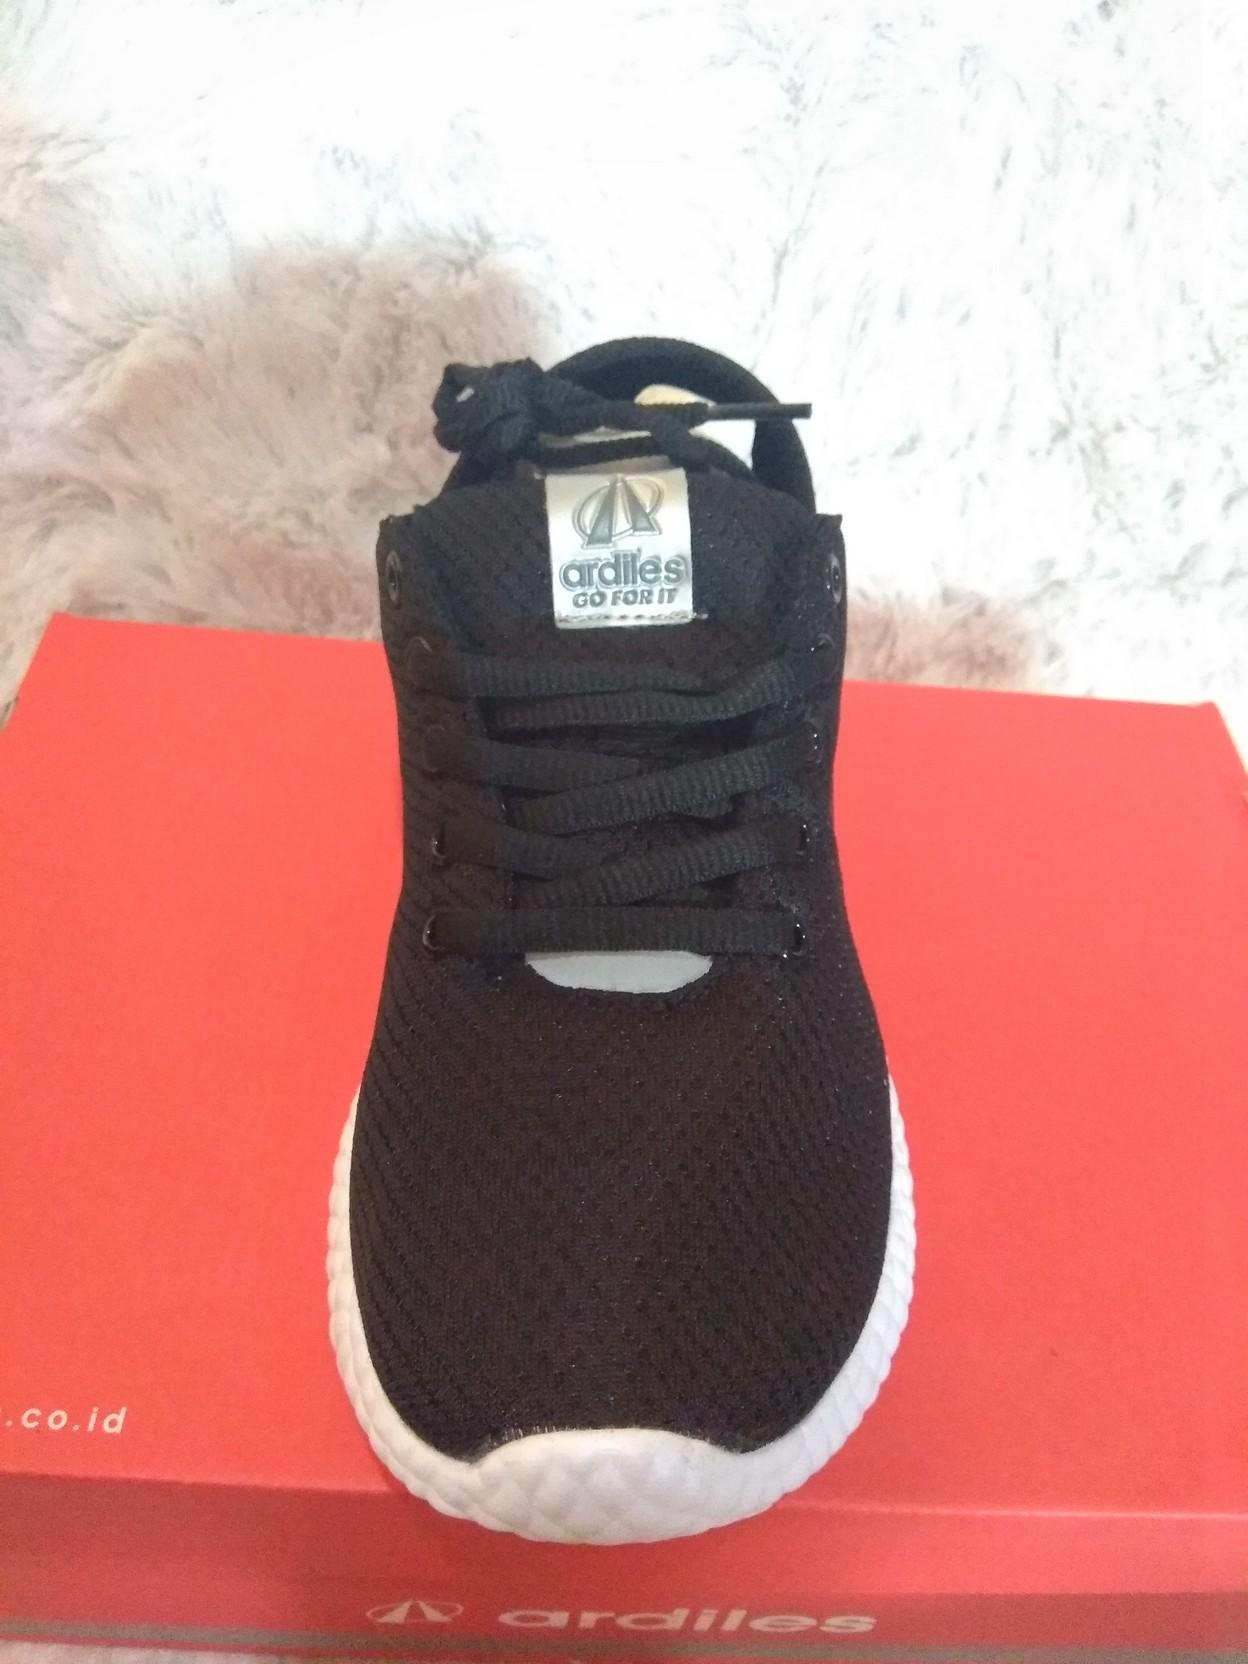 Jual Ardiles Archer Sneakers Murah Garansi Dan Berkualitas Id Store Men Chicago Sepatu Hitam Putih 43 Seongnam Shoesidr139000 Rp 139000